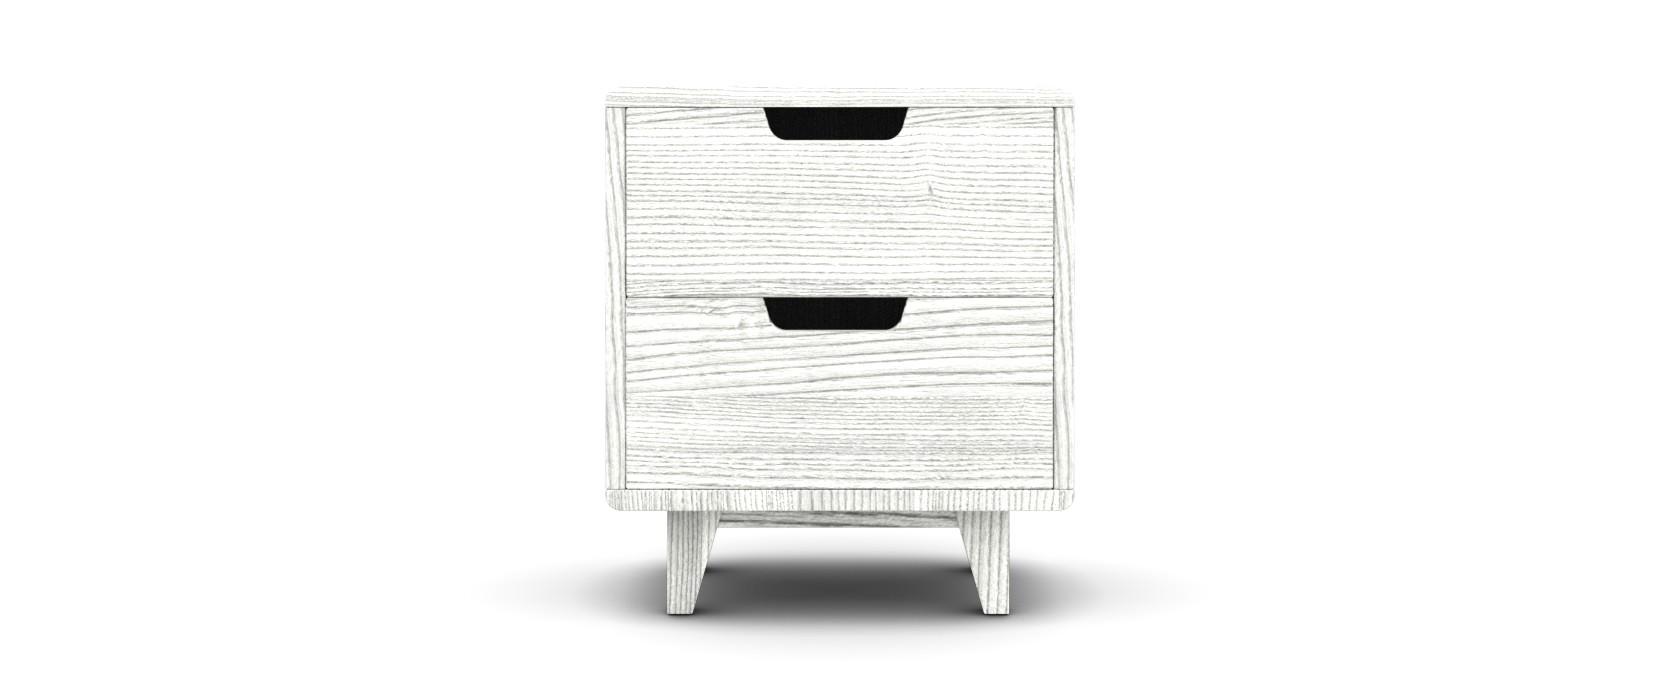 Тумба прикроватная Casimiro Ясень с 2 ящиками - Pufetto